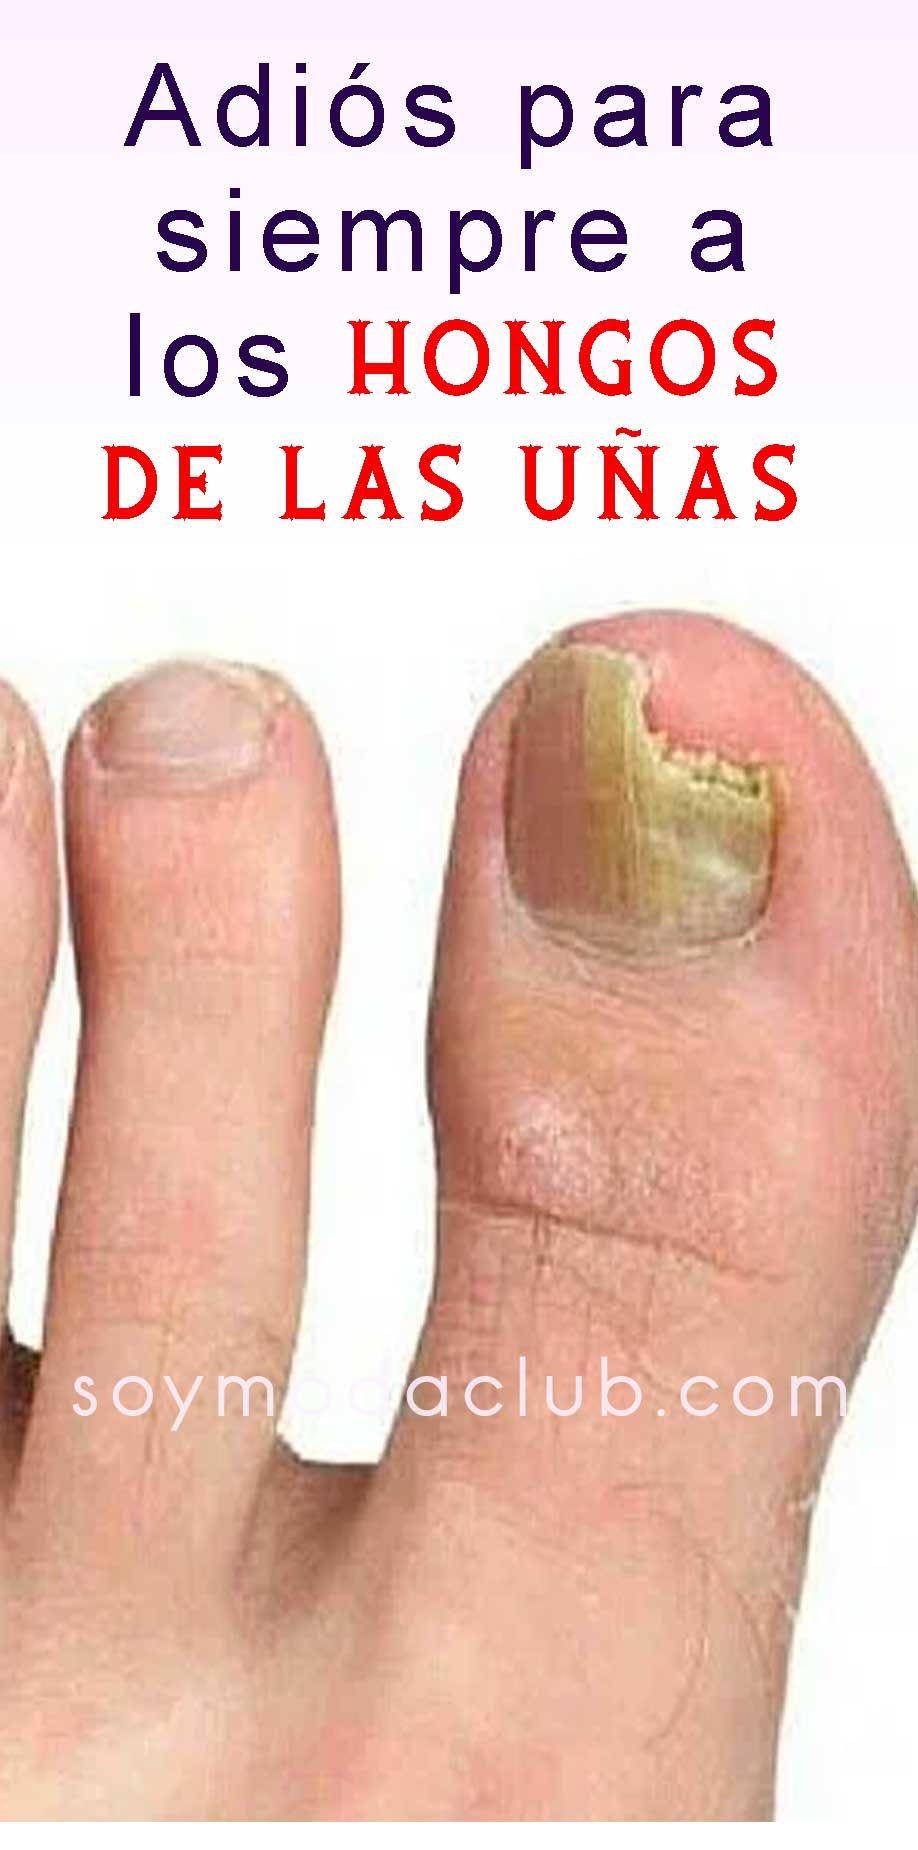 Como adelgazar unas de los pies